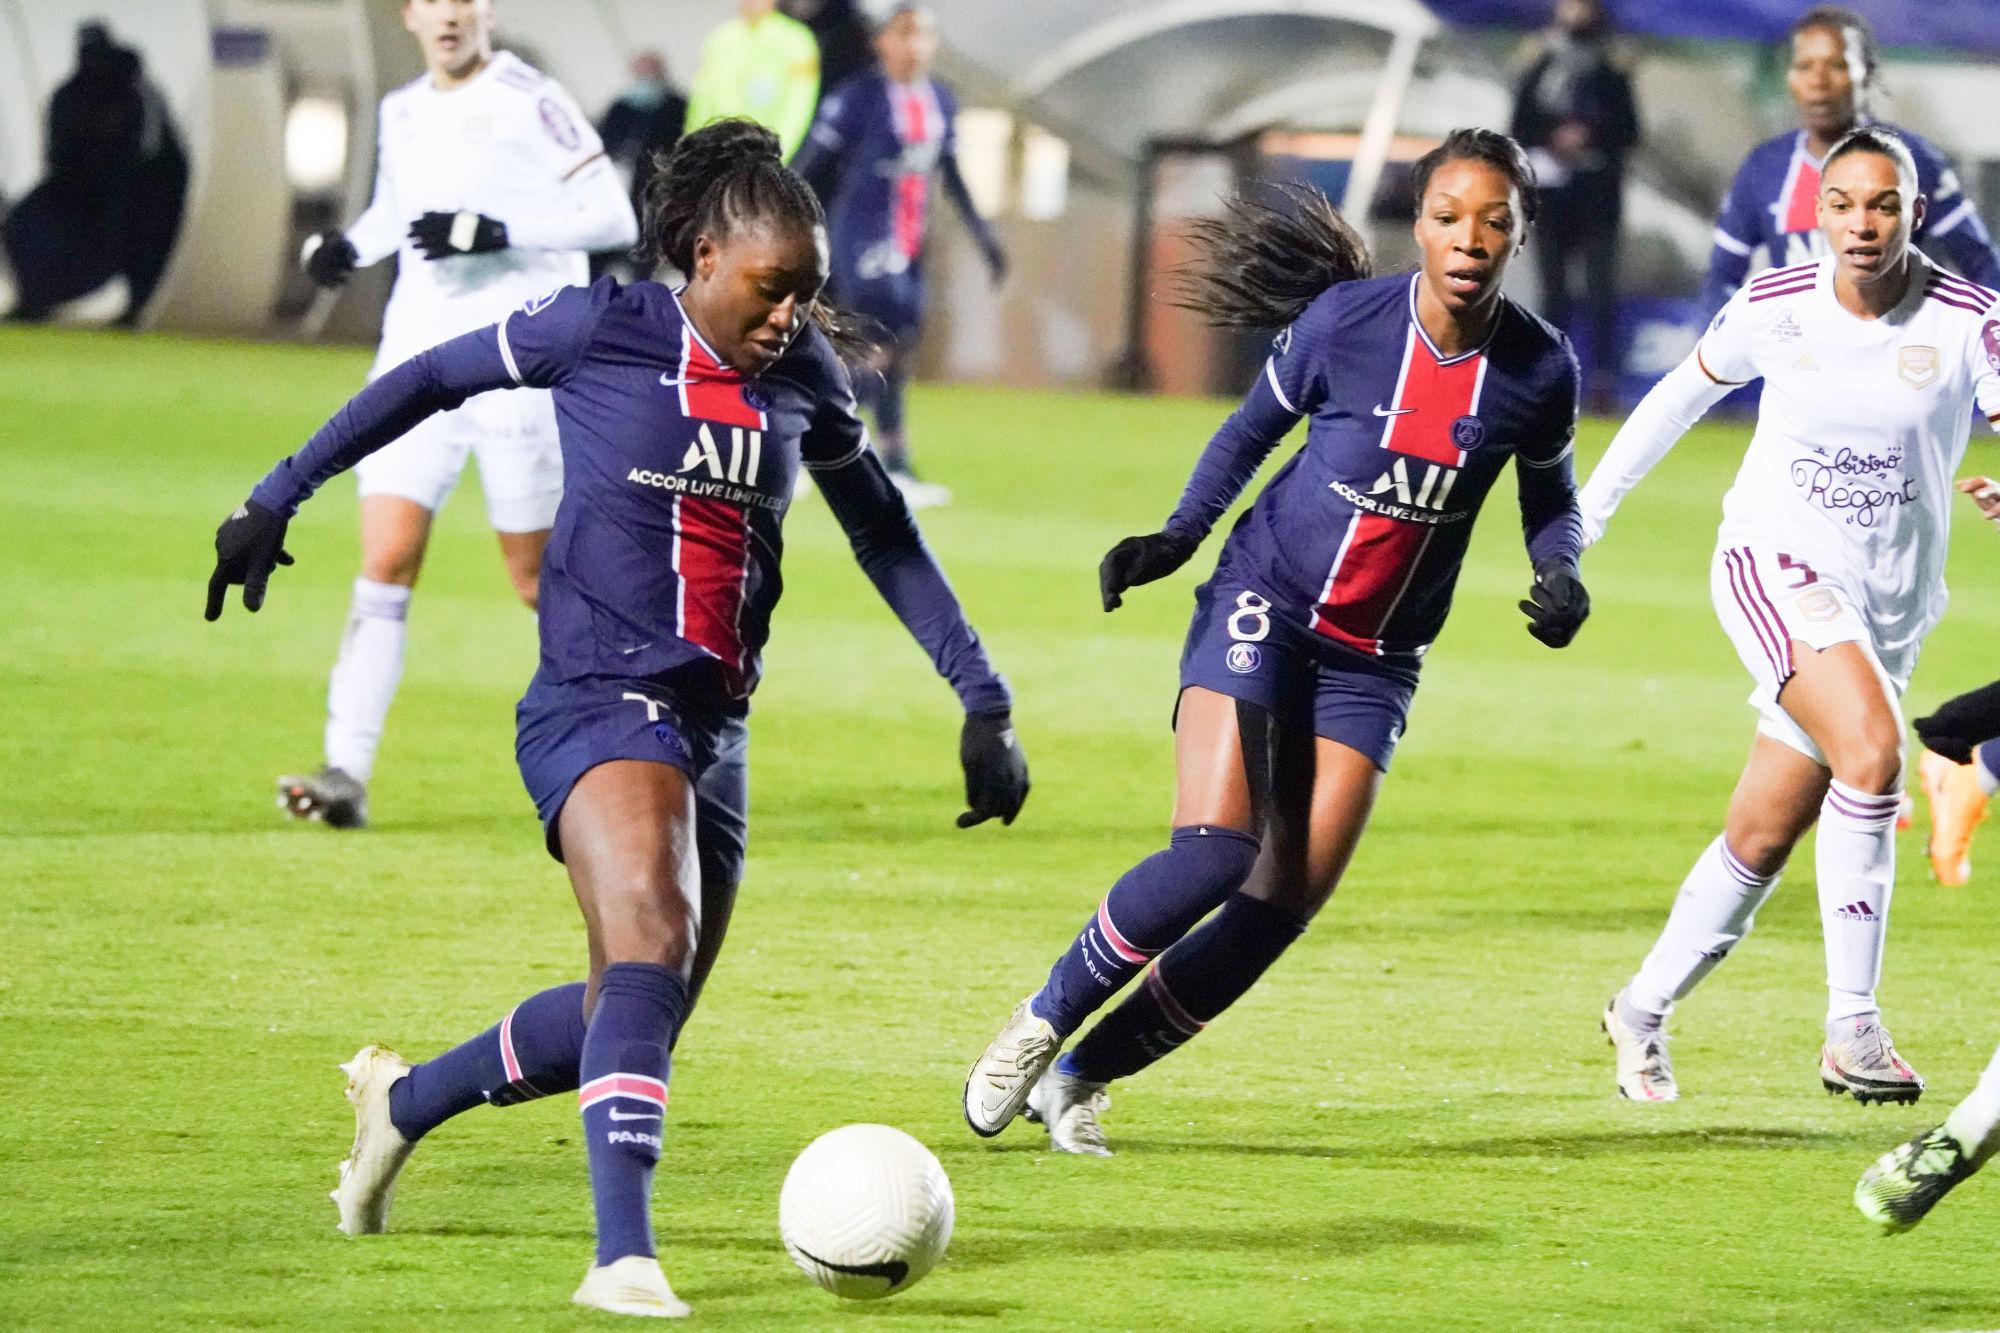 Le PSG s'impose 1-0 contre Bordeaux pour bien démarrer l'année 2021 et rester en tête